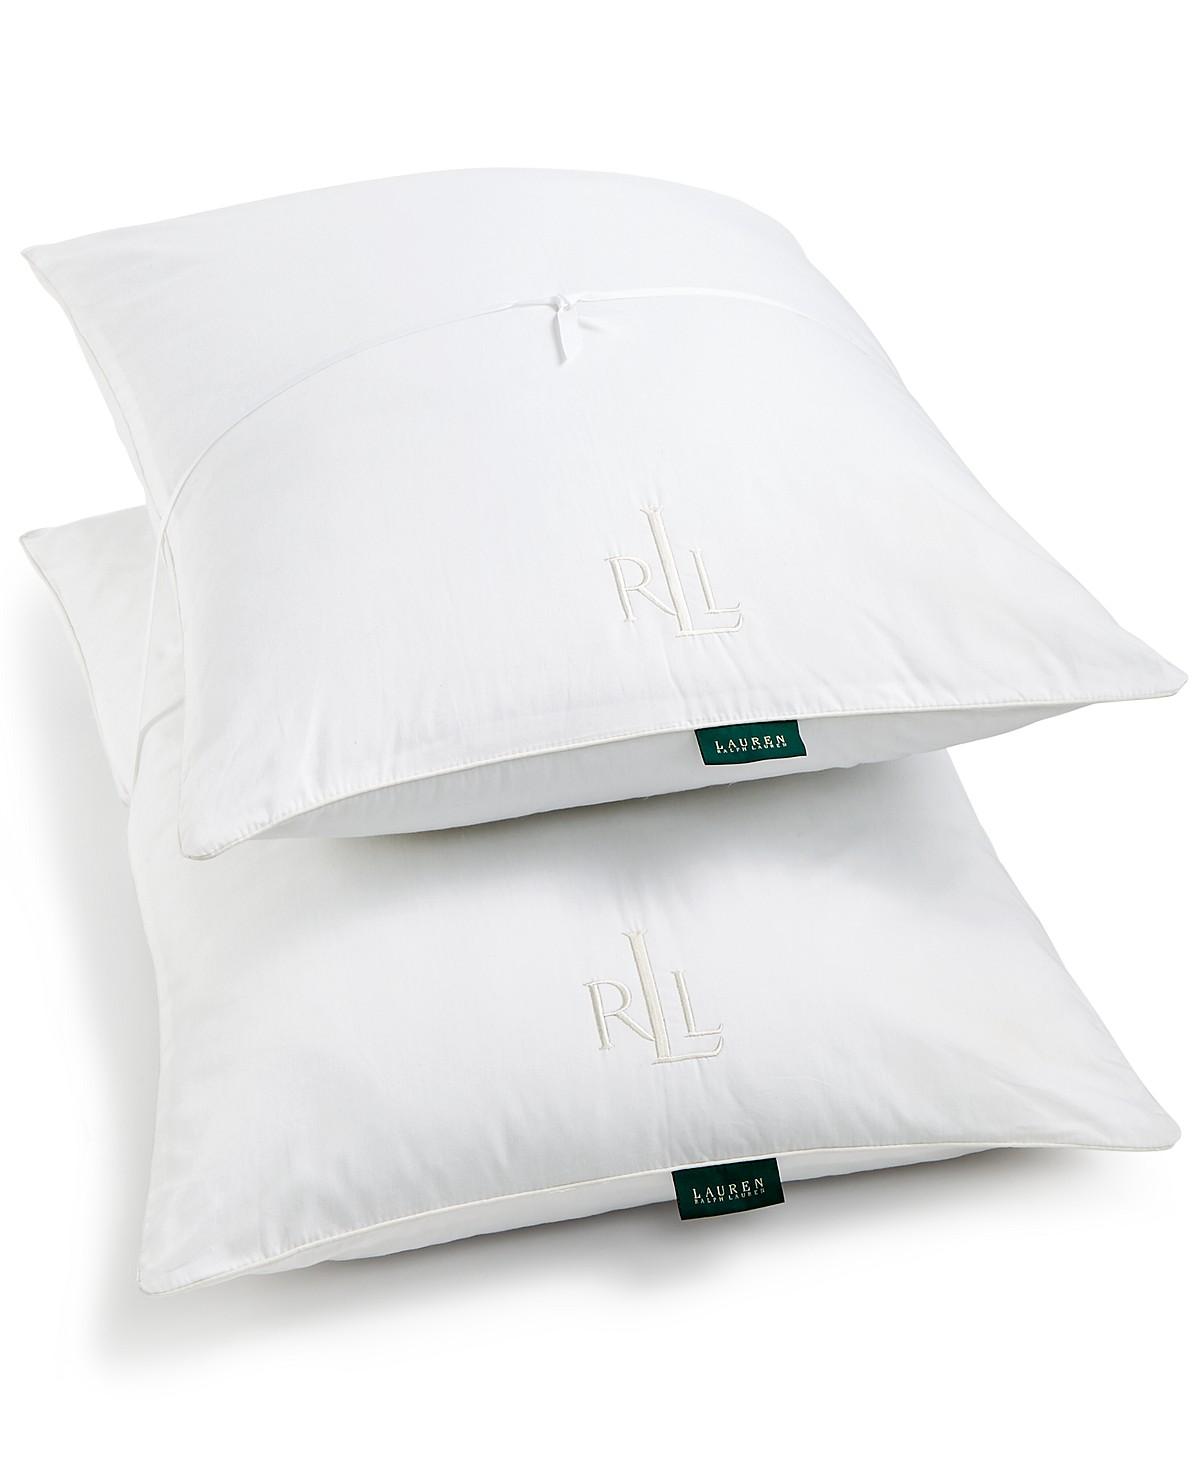 Lauren Ralph Liteloft Down Alternative Jumbo Pillows 2 Pack Link